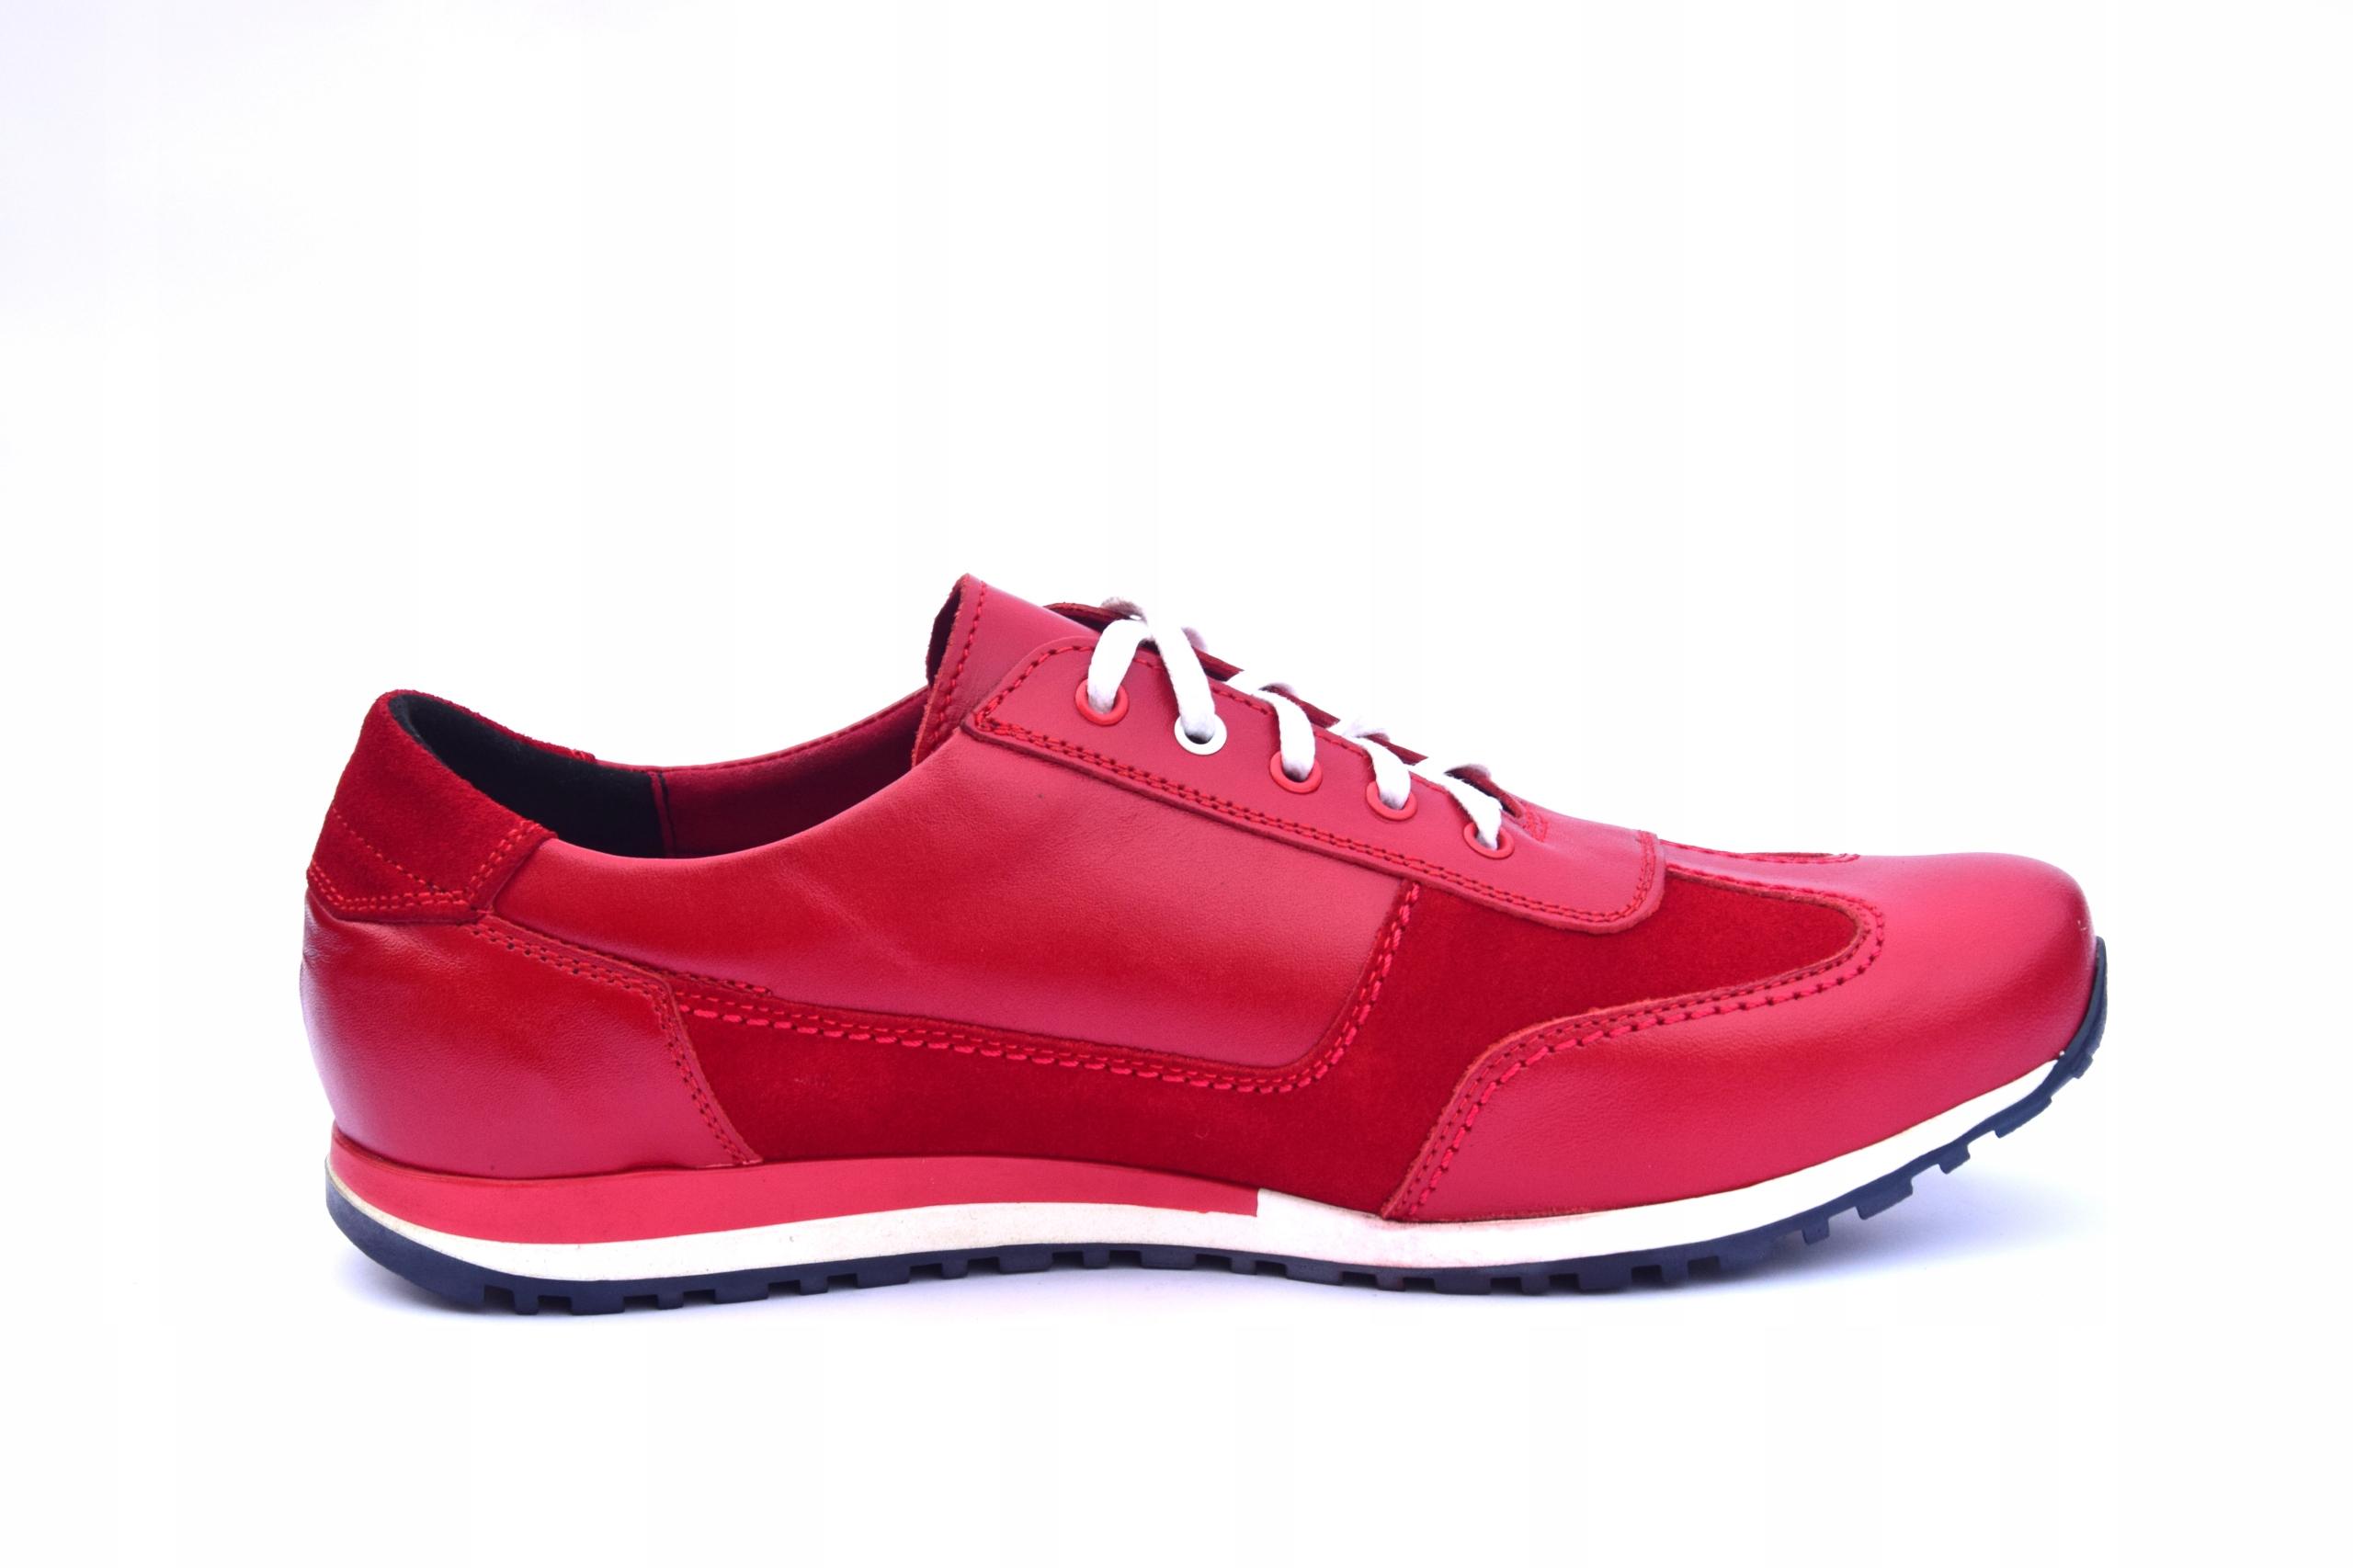 Buty skórzane czerwone obuwie ze skóry PL 294 Materiał zewnętrzny skóra naturalna